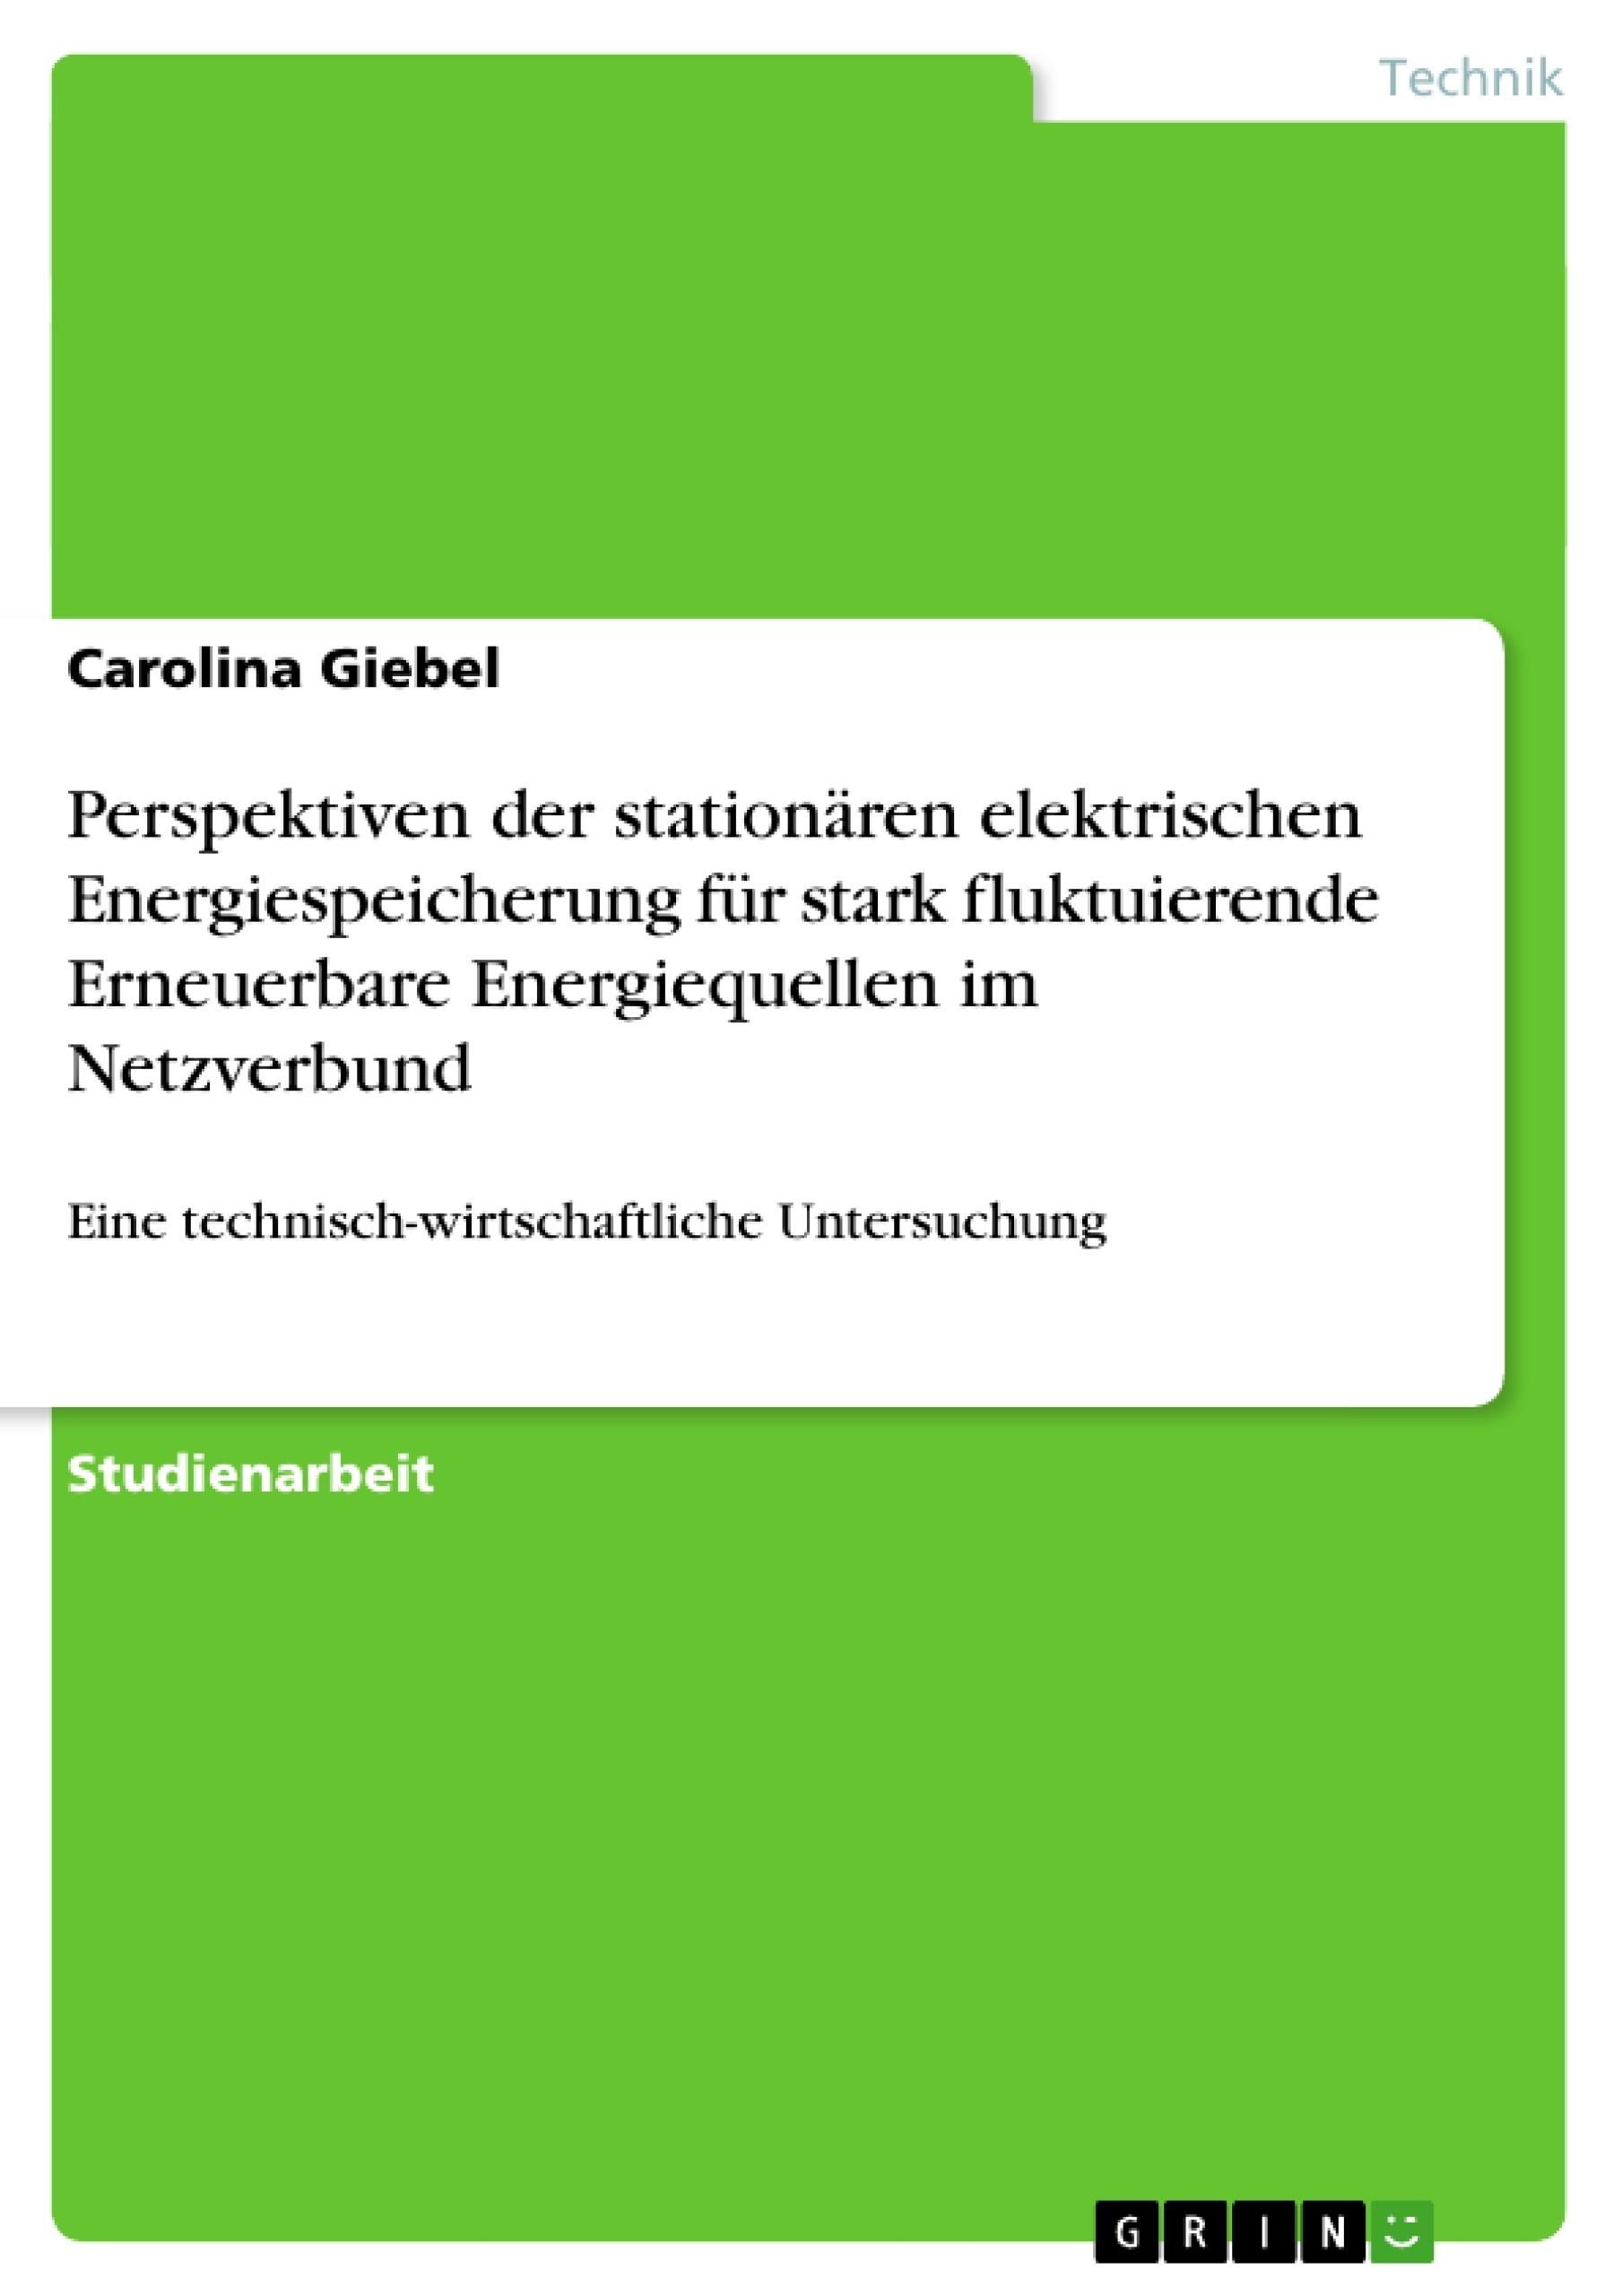 Titel: Perspektiven der stationären elektrischen Energiespeicherung für stark fluktuierende Erneuerbare Energiequellen im Netzverbund